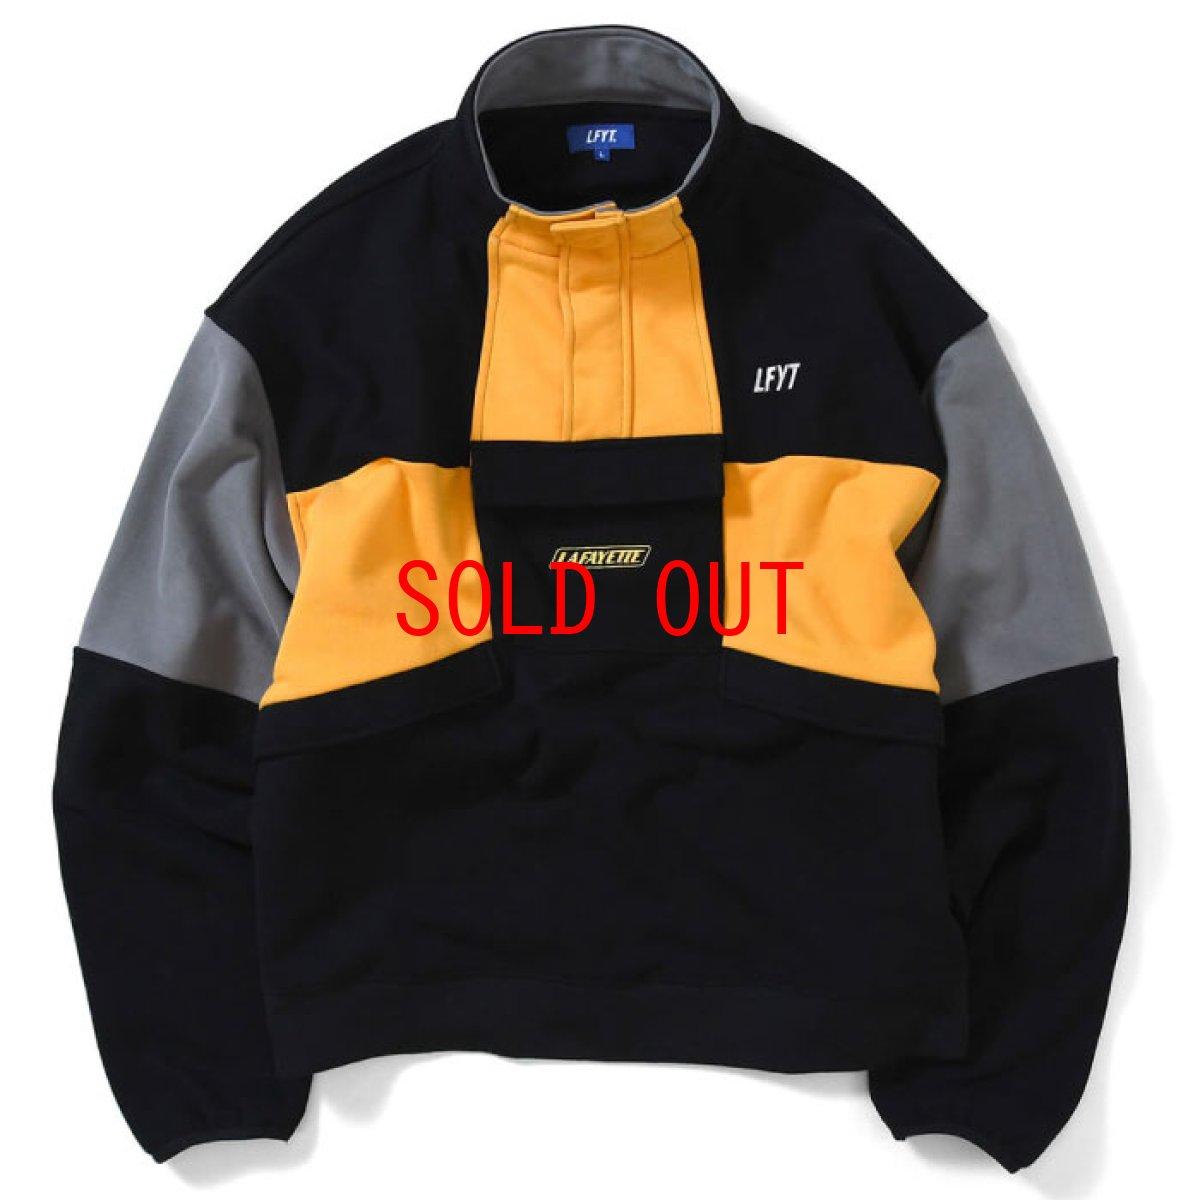 画像1: Classic Tech Sweat Anorak Jacket クラシック テック スウェット アノラック ジャケット by Lafayette ラファイエット  (1)